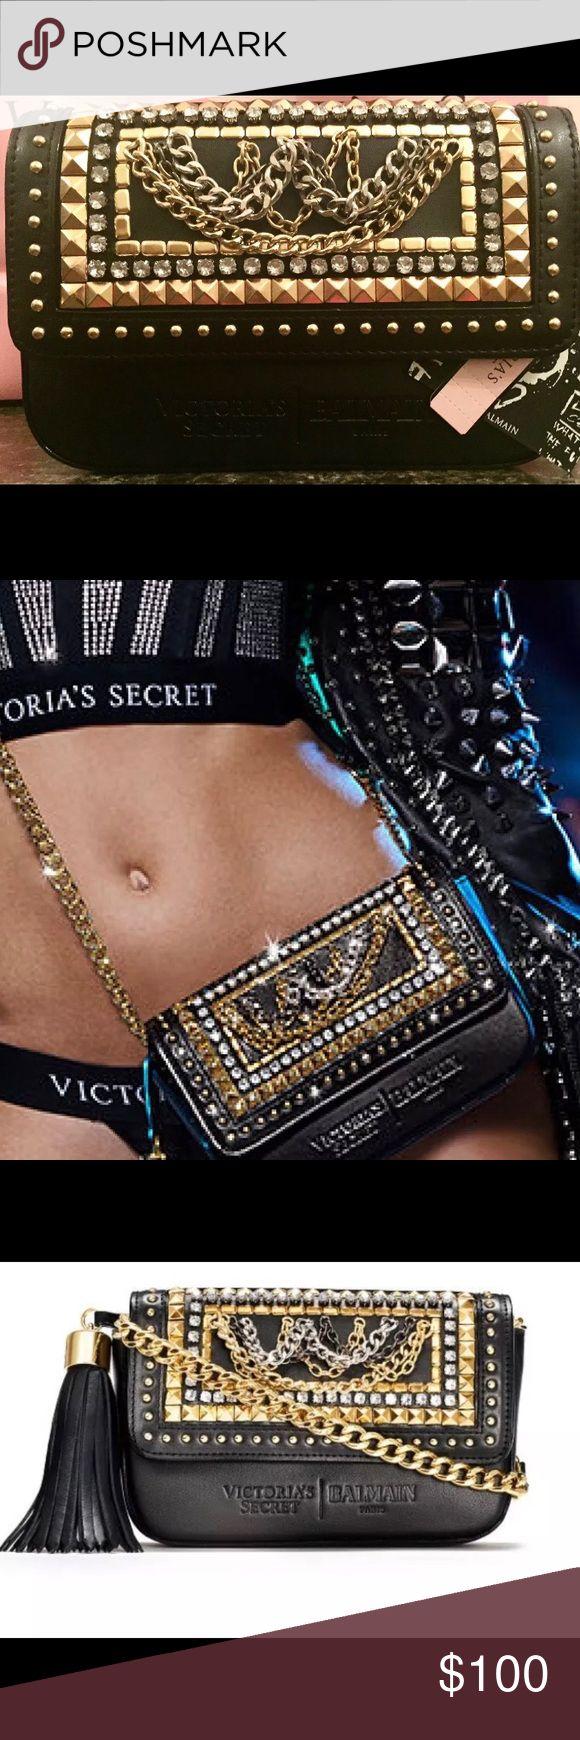 NWT BALMAIN X VICTORIA SECRET CROSSBODY BAG NWT SOLD OUT Balmain Bags Crossbody Bags